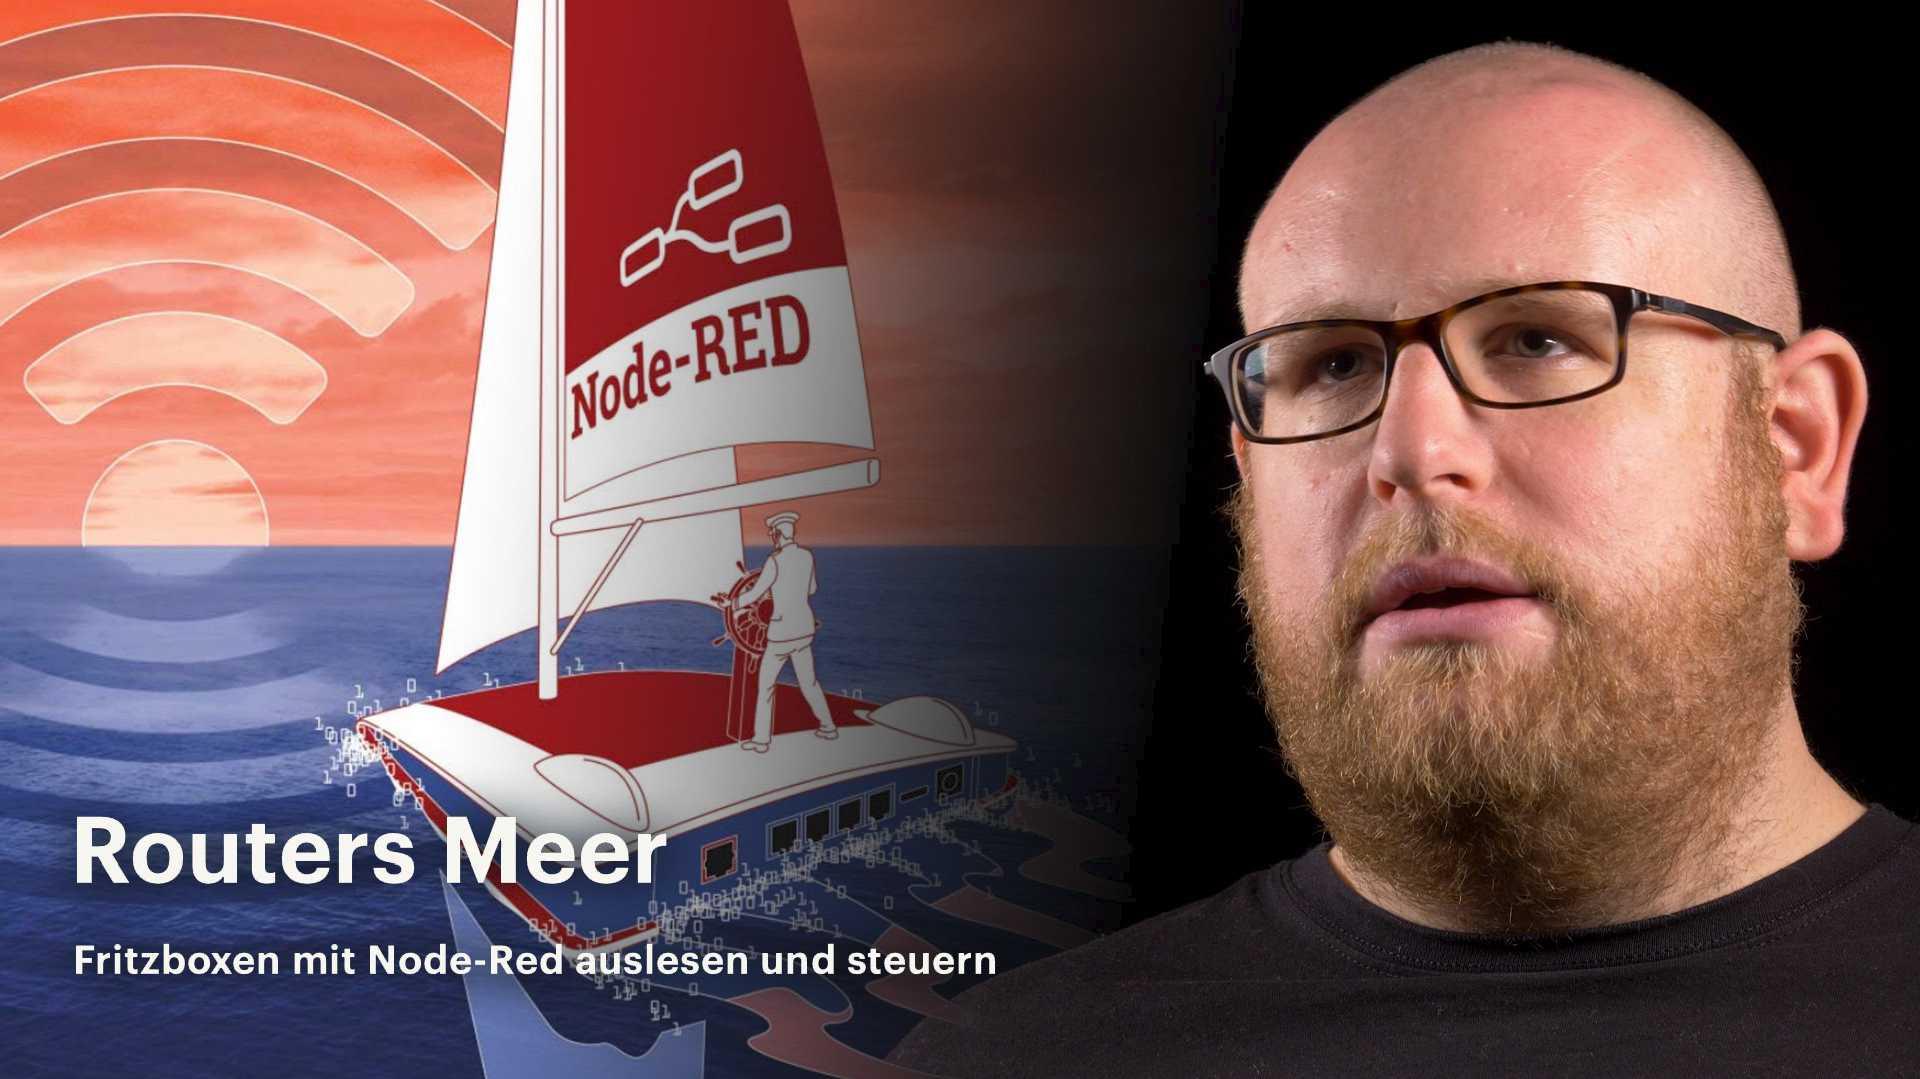 nachgehakt: Fritzboxen mit Node-Red auslesen und steuern